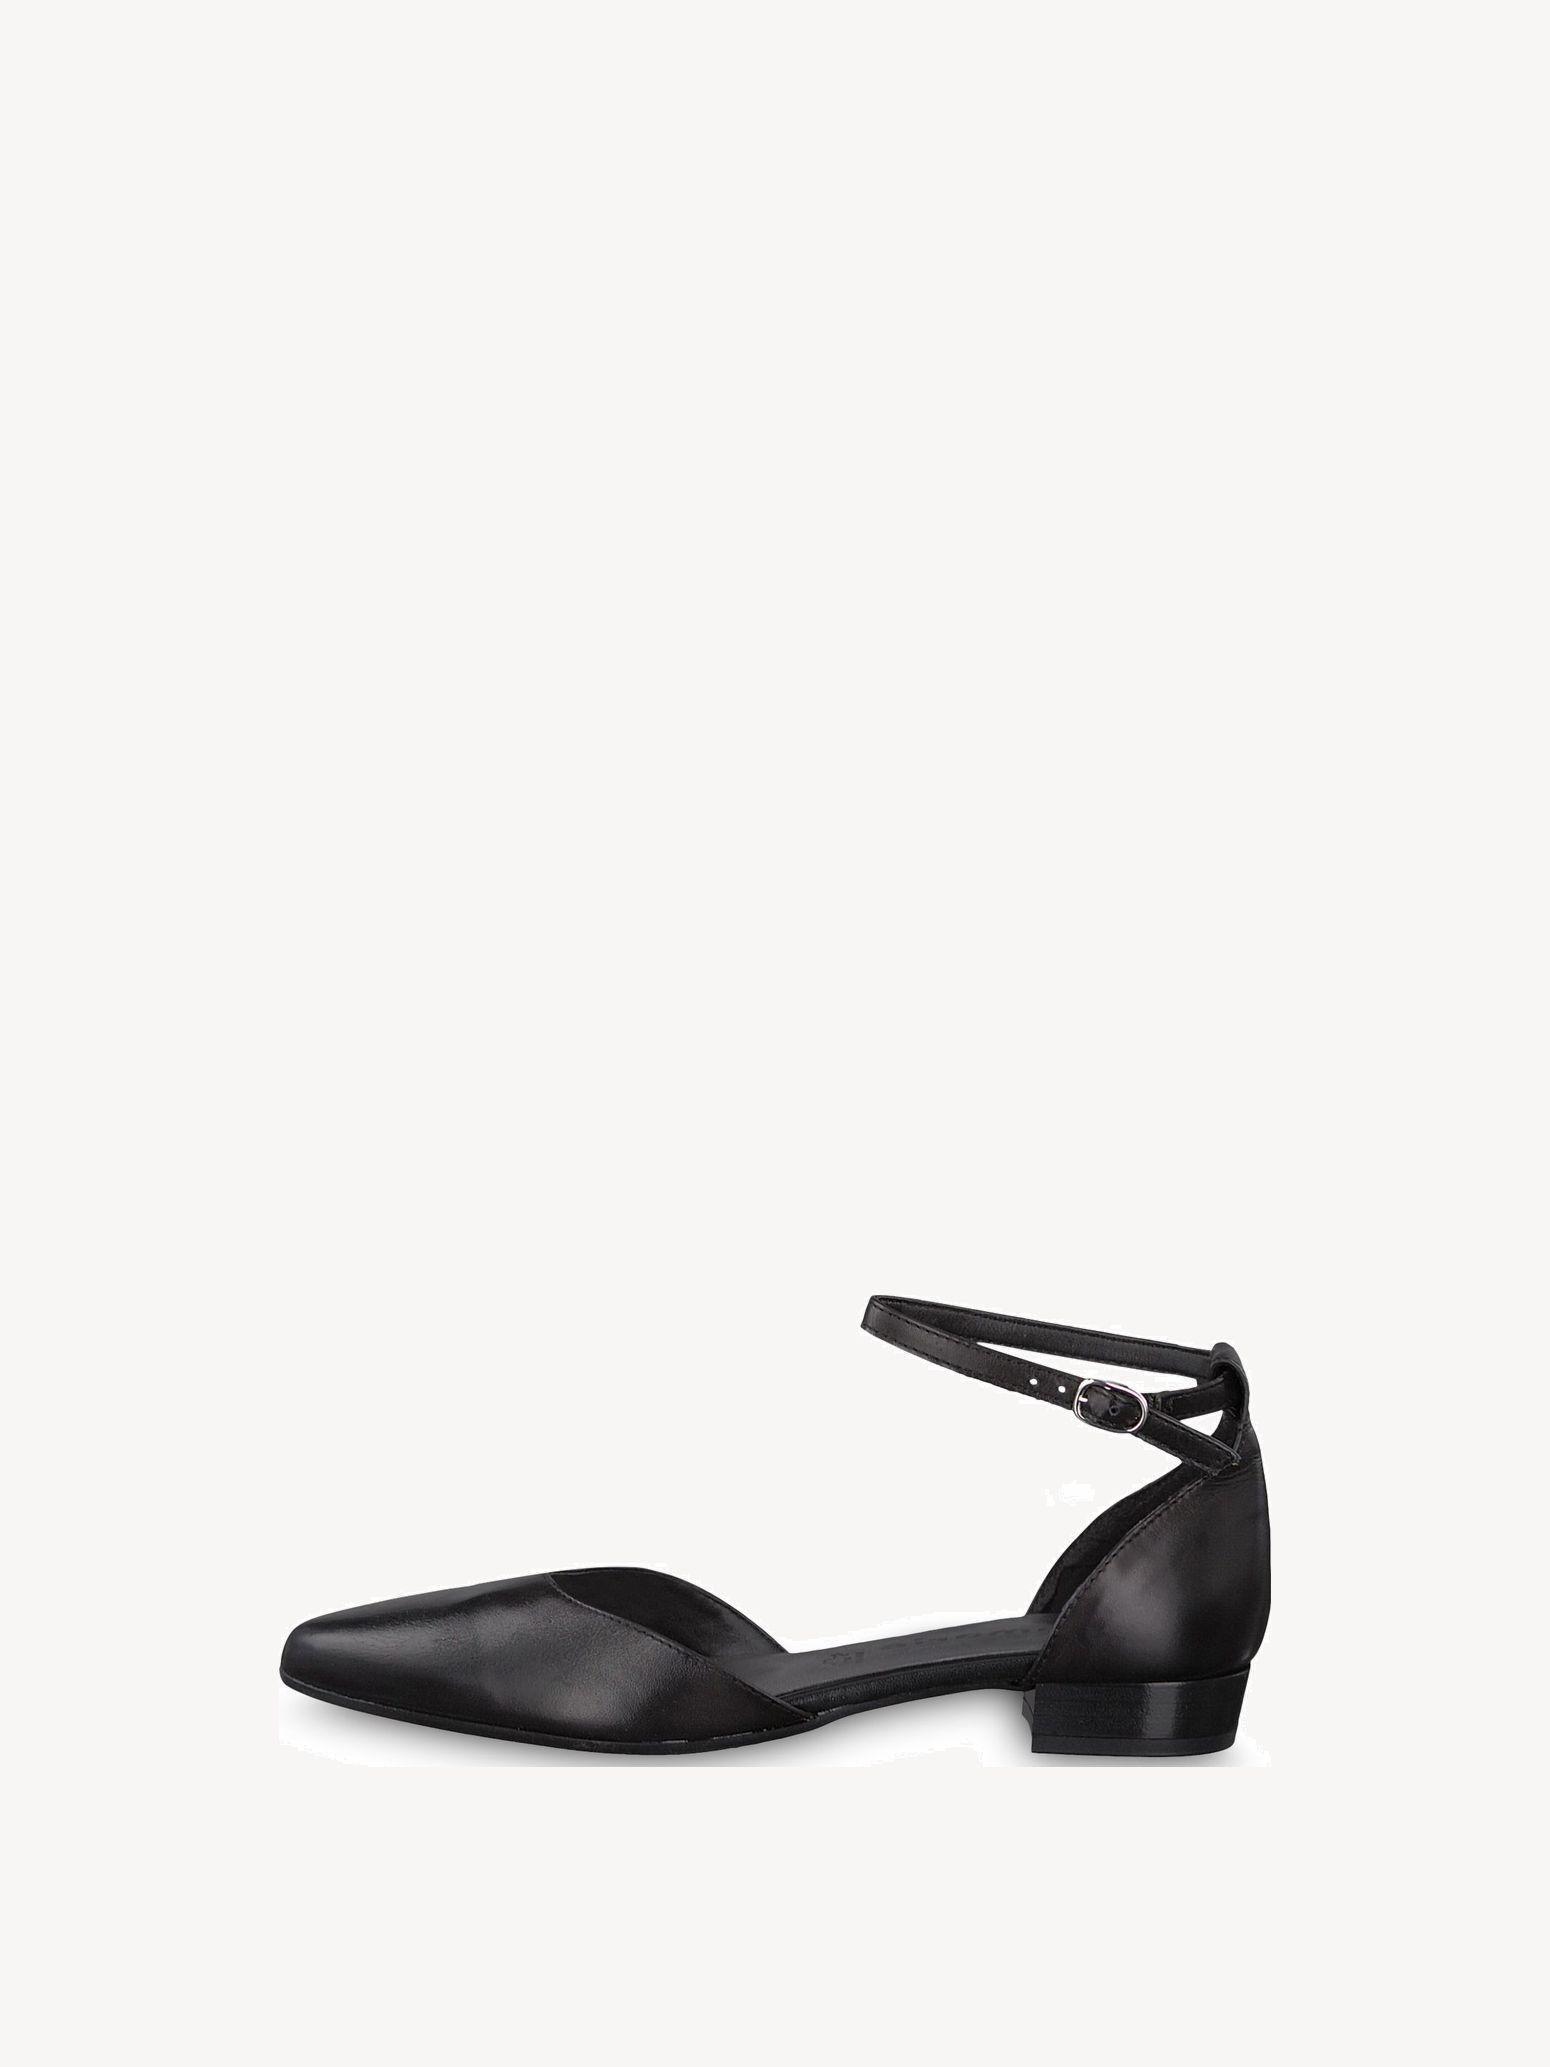 Schuhe bei tamaris